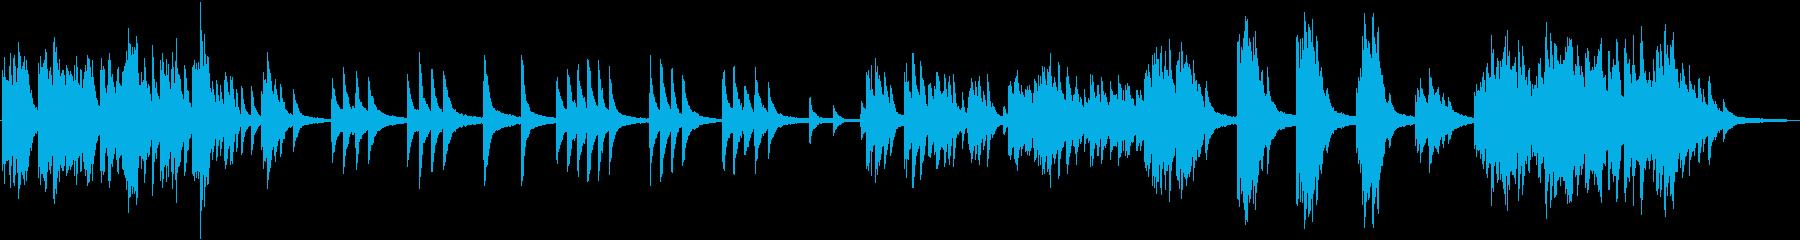 哀愁あるピアノ曲の再生済みの波形